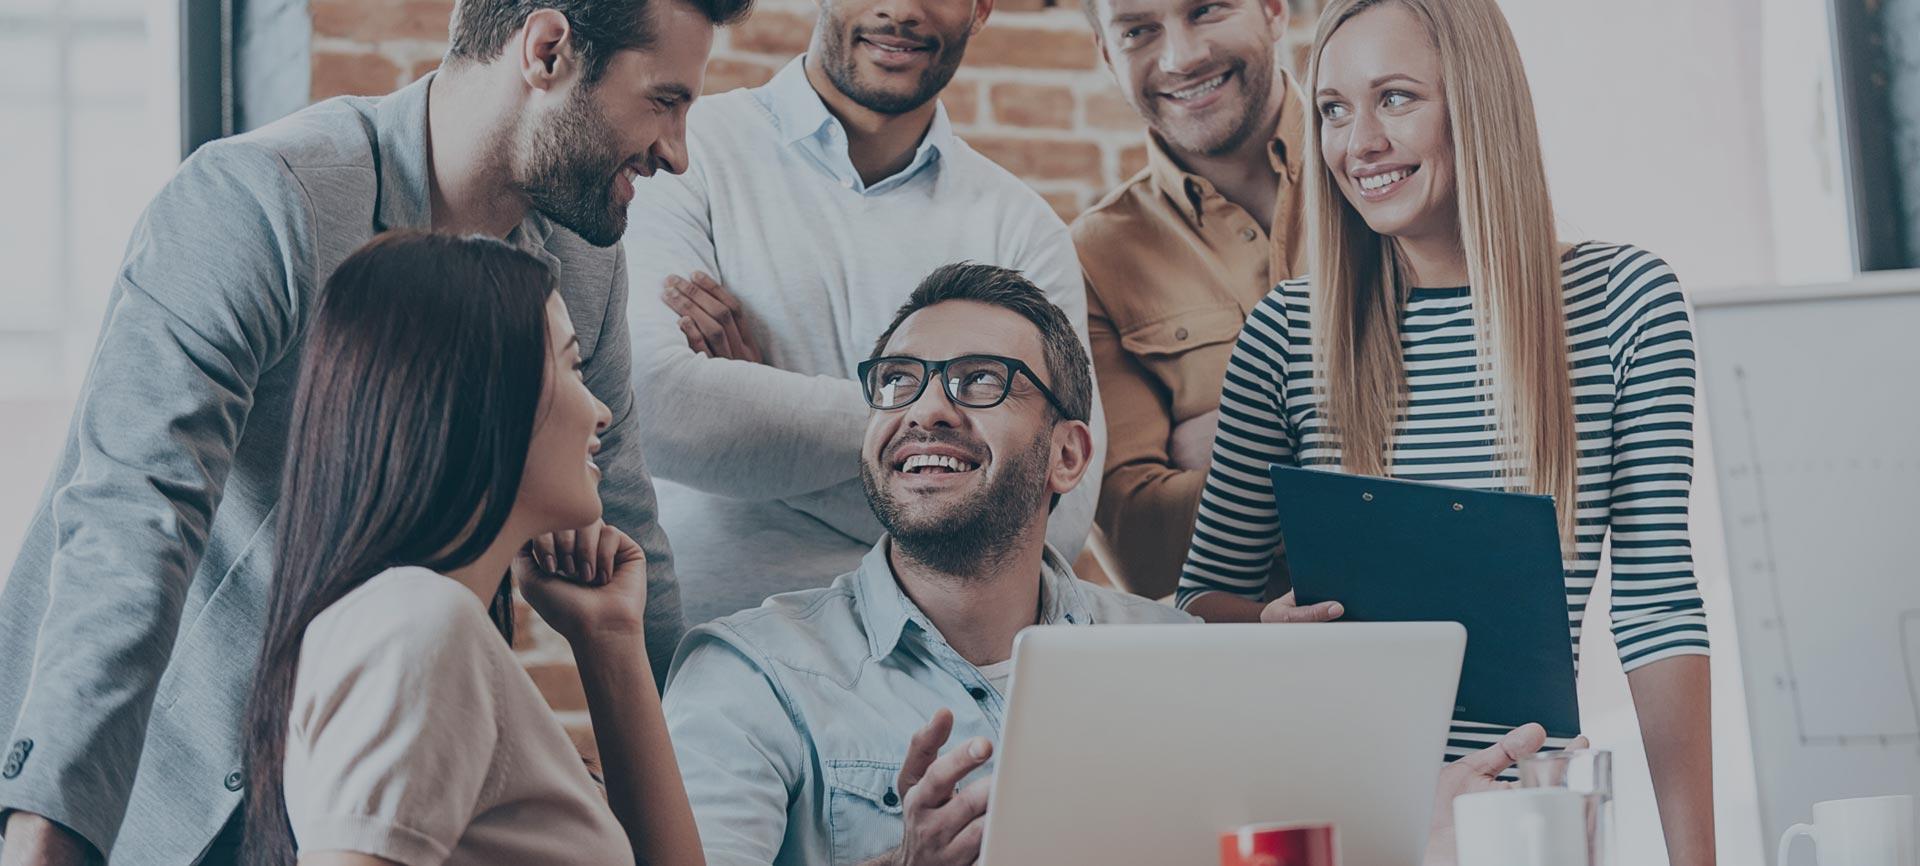 Avis EasyDrop : Portail client efficace, adapté aux professions de services - Appvizer